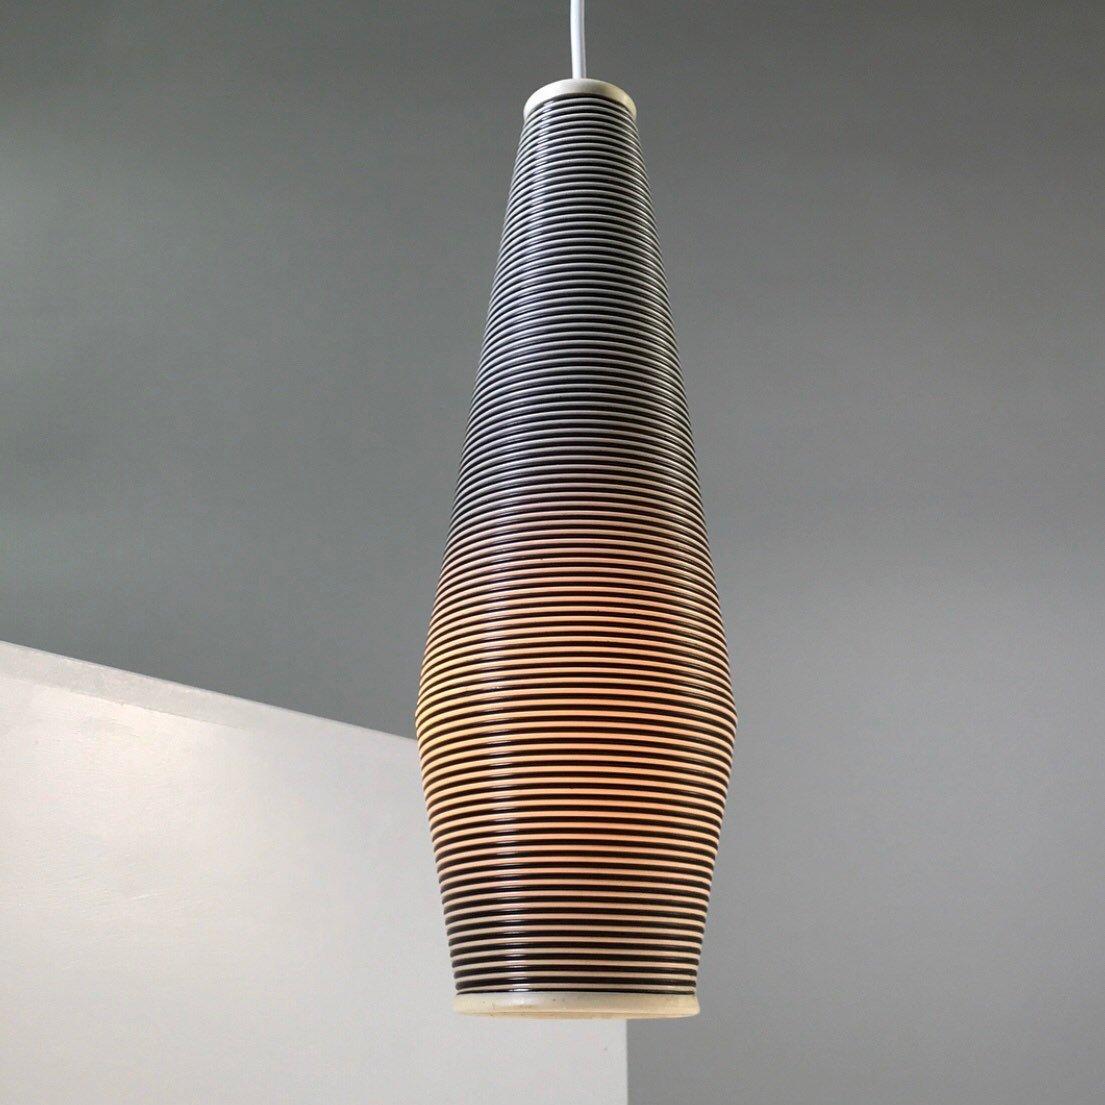 Blau & weiß gestreifte Mid-Century Deckenlampe von Yasha Heifetz für R...